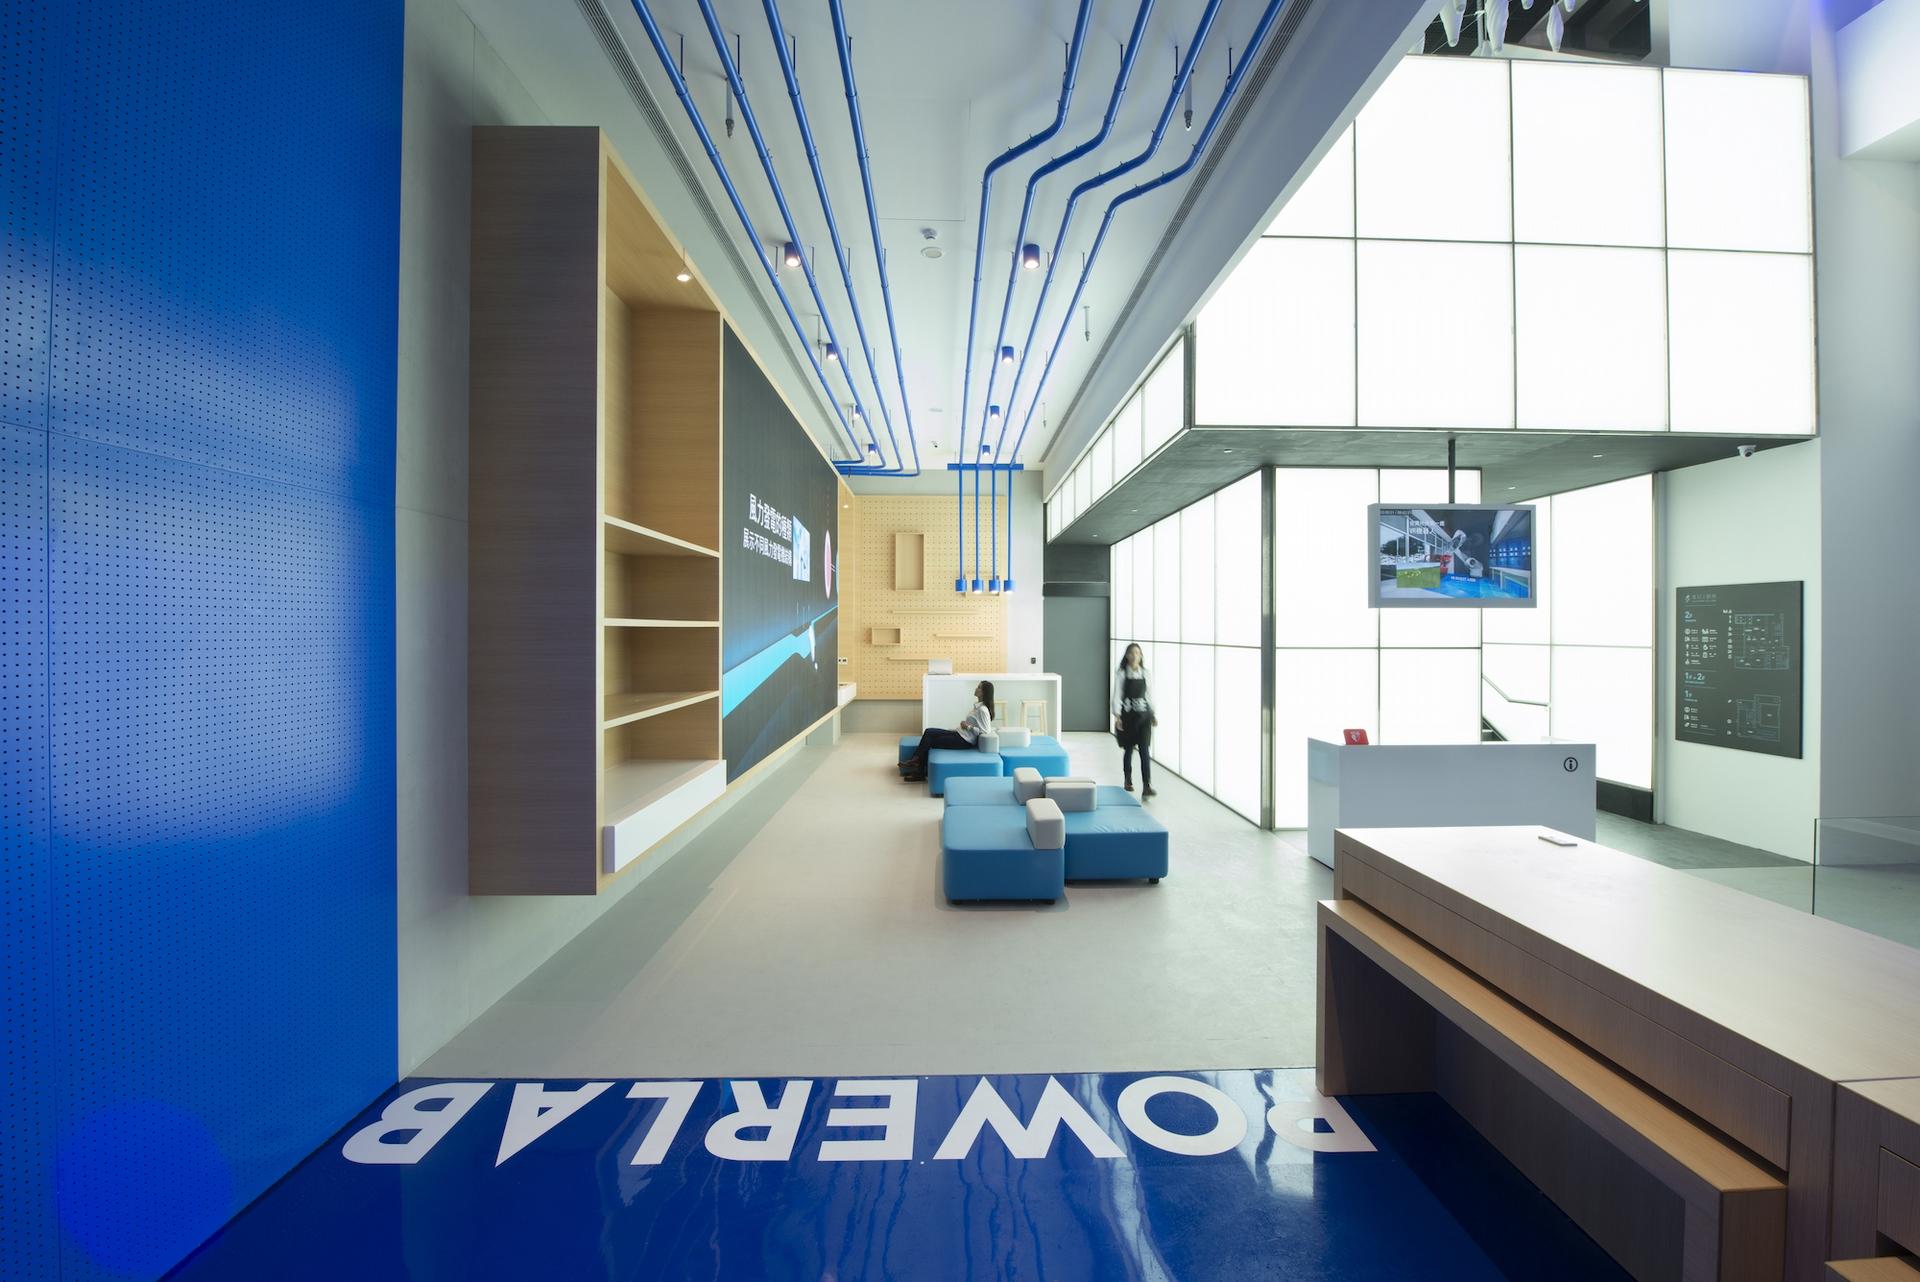 全台第一座綠能主題展館「電幻1號所」化身時尚伸展台